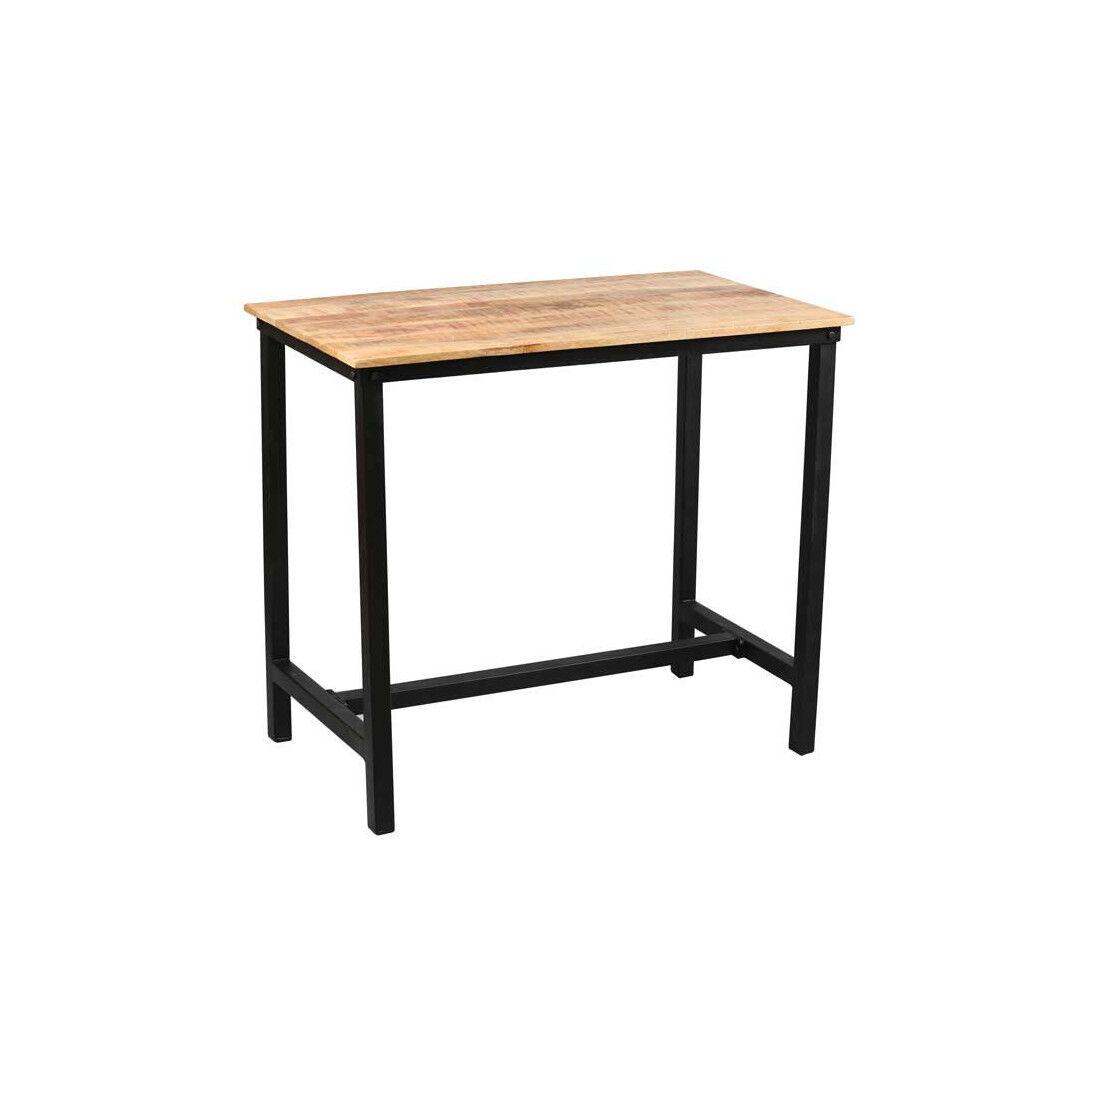 Tousmesmeubles Table mange-debout Acier noir/Bois massif - CHALERSTON - L 120 x l 70 x H 105